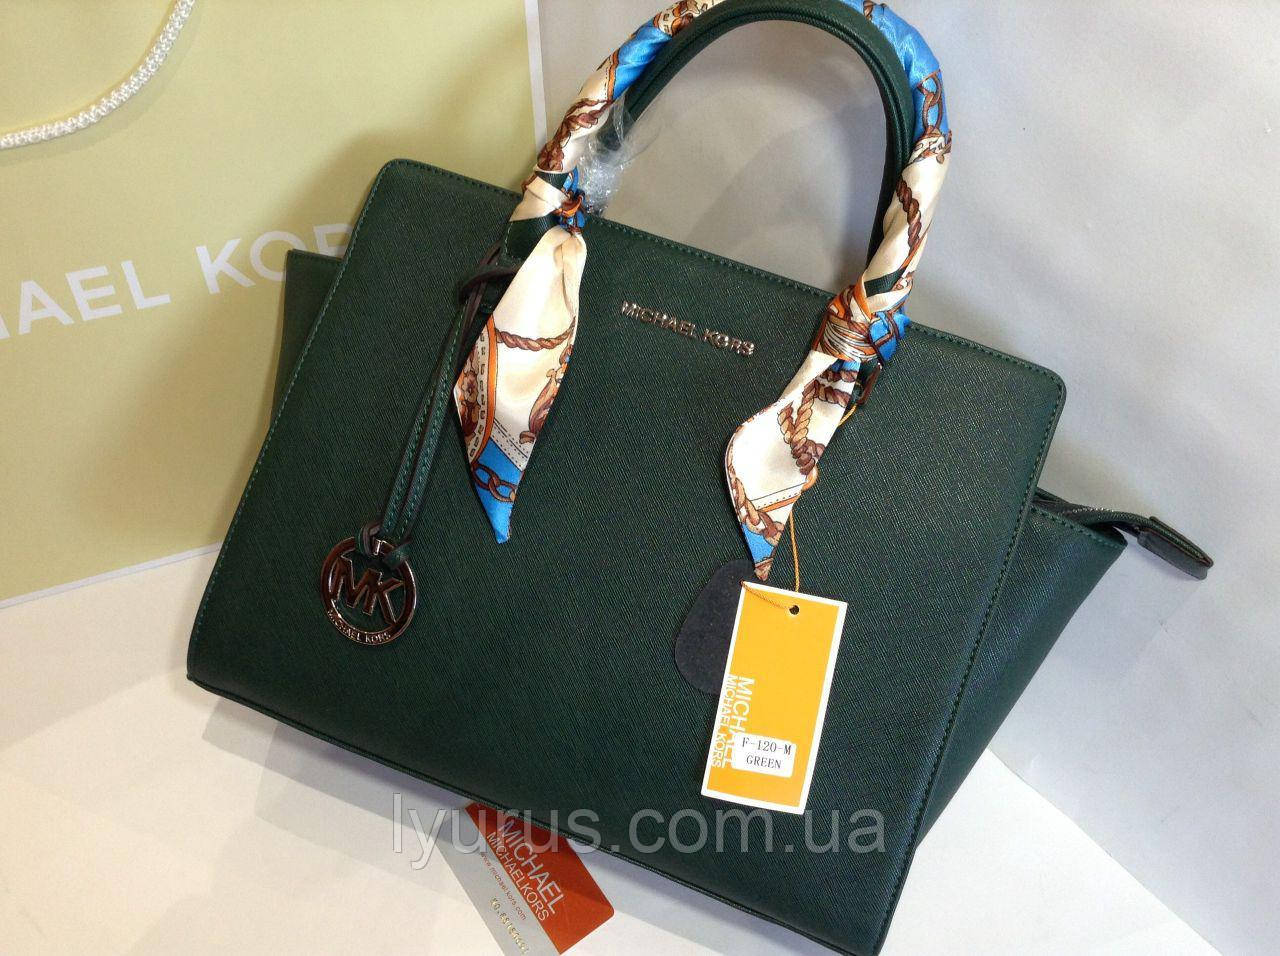 cda981cb32a7 Женская кожаная сумка Michael Kors  продажа, цена в Полтаве. женские ...